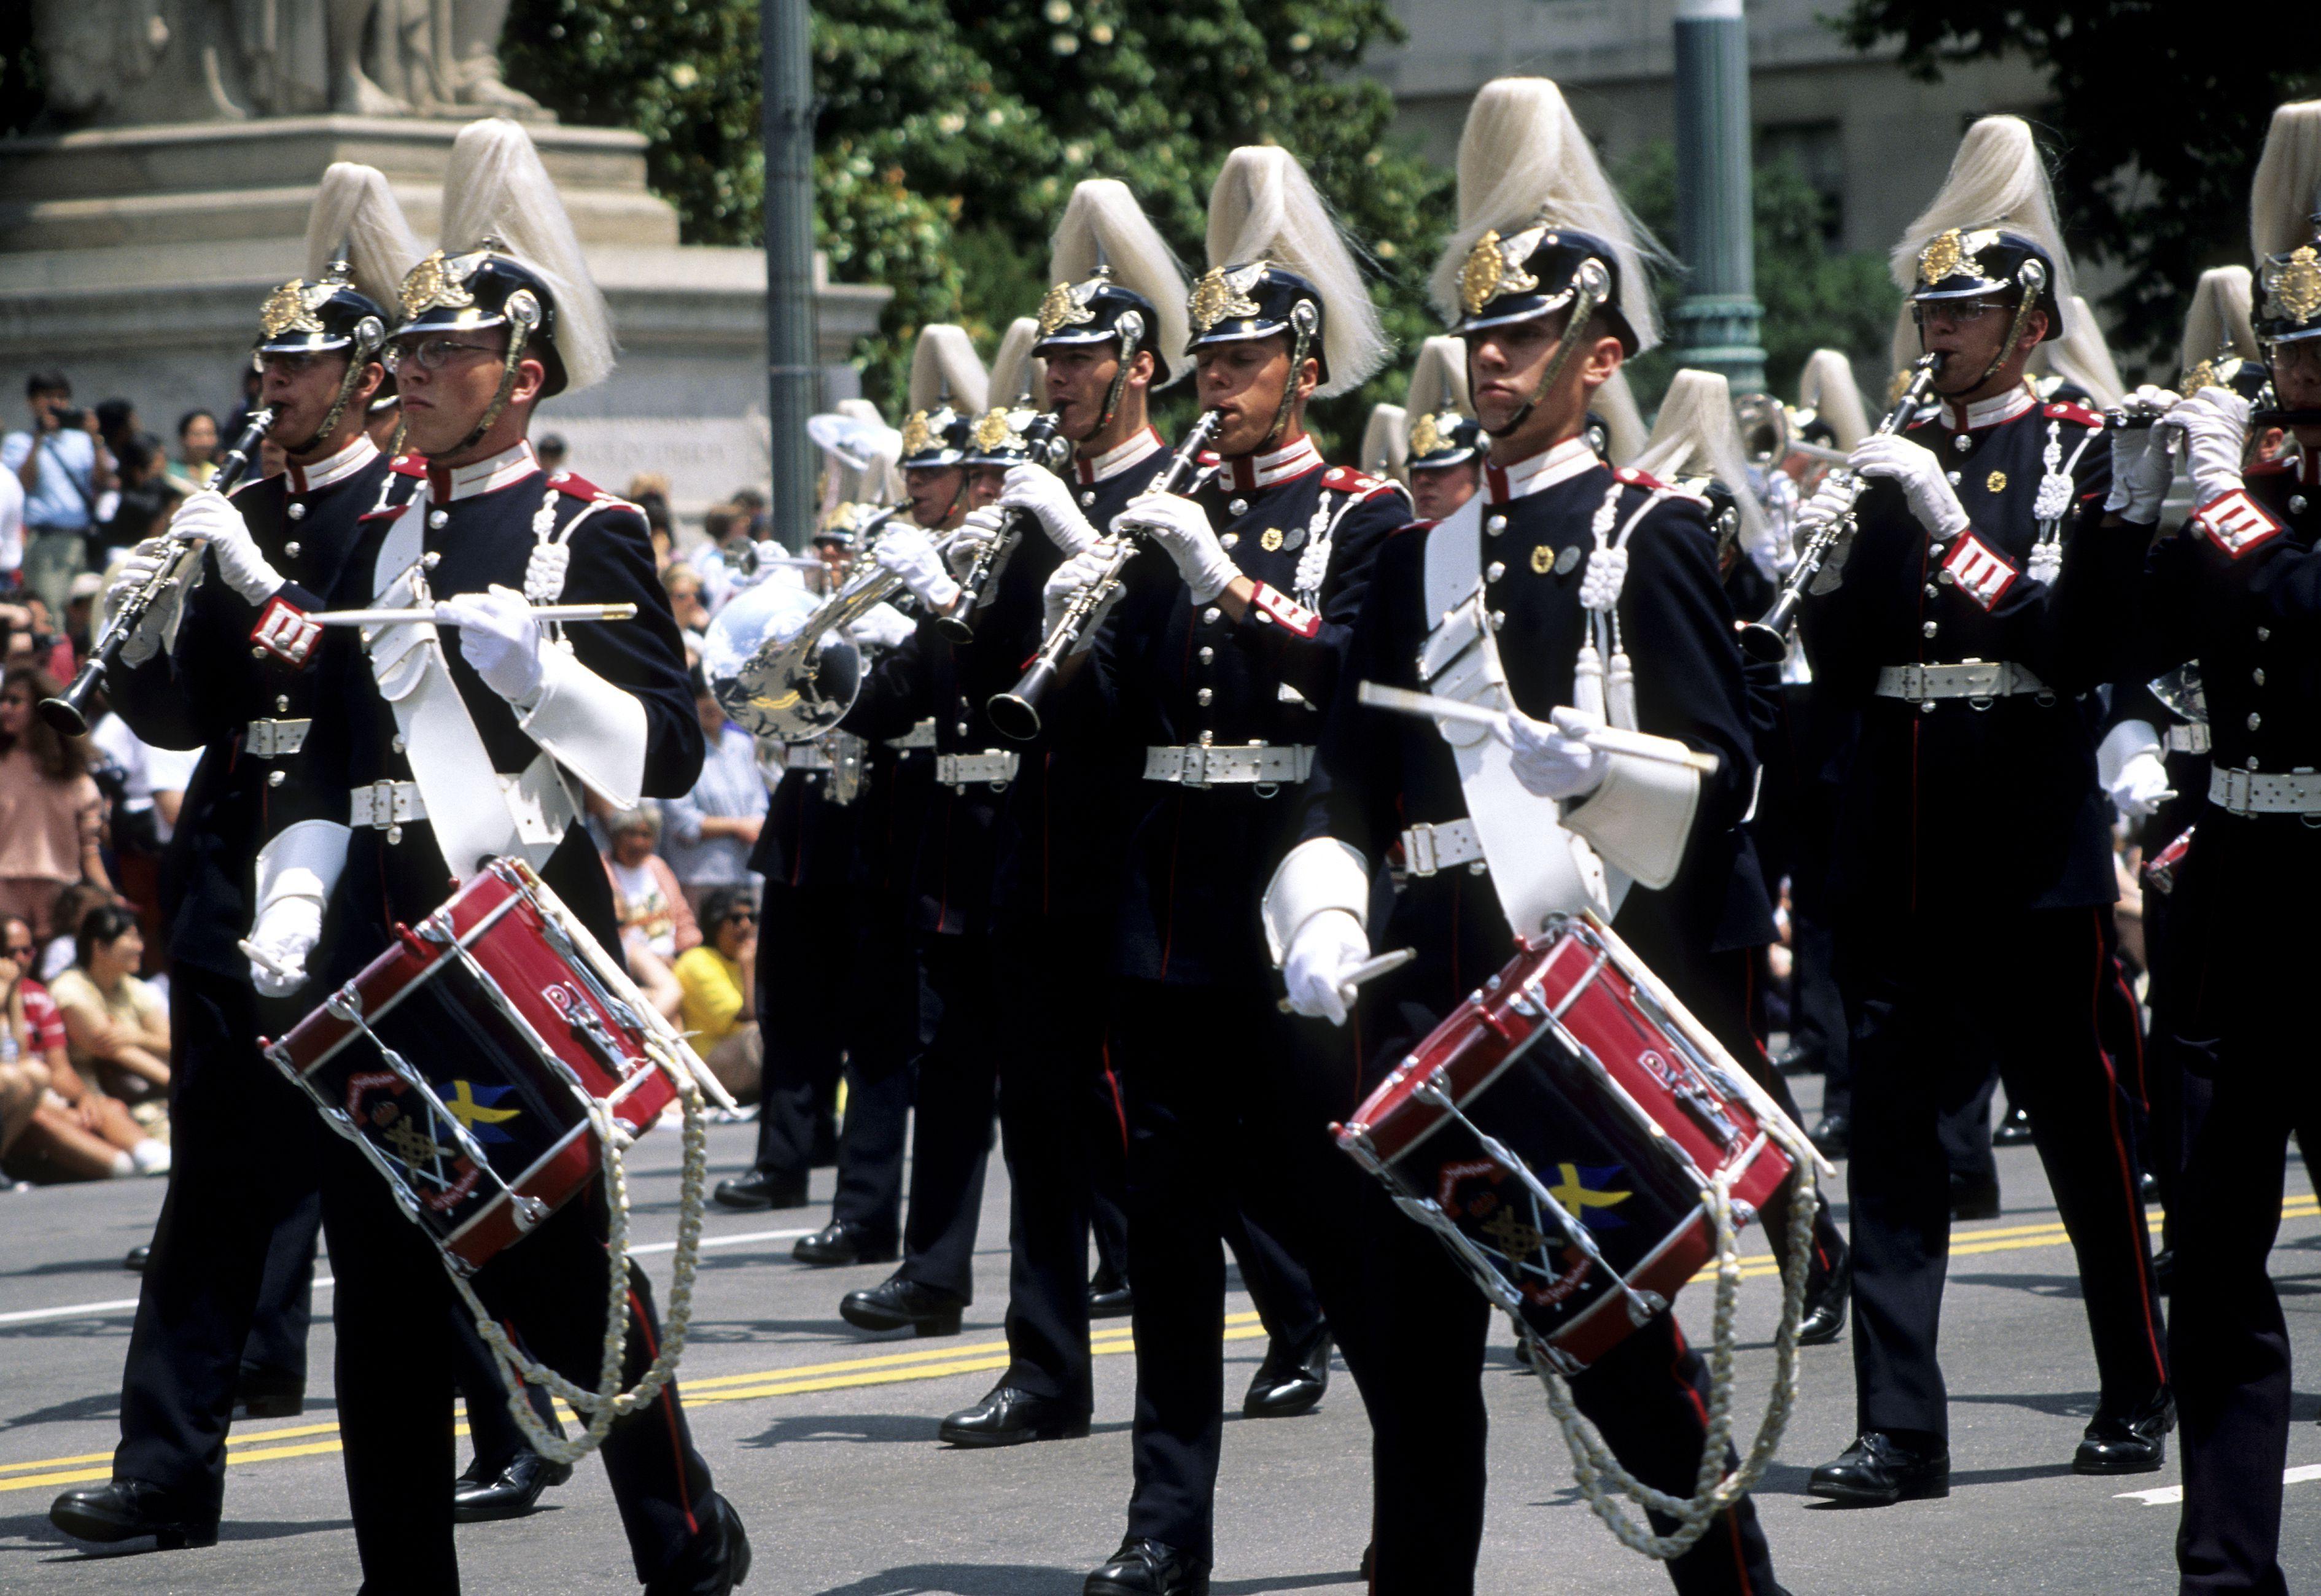 Banda de música en la Avenida de la Constitución durante el desfile de celebración del 4 de julio, Washington D